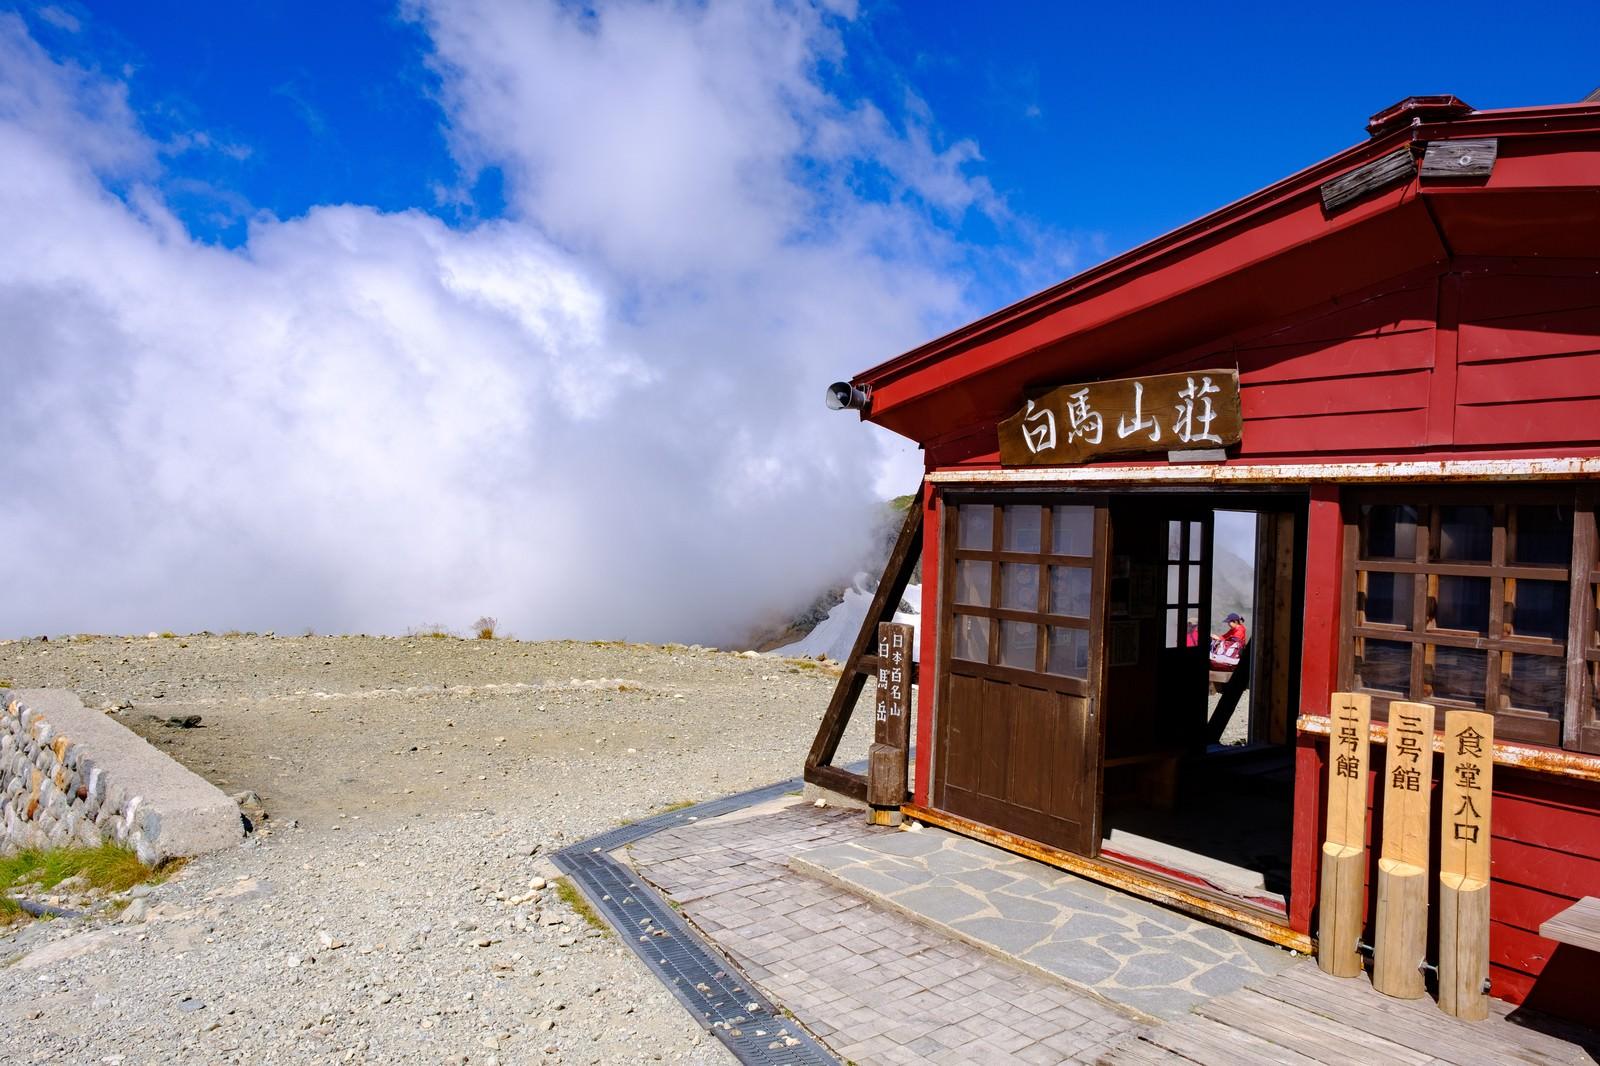 「雲の隣に構える白馬山荘」の写真